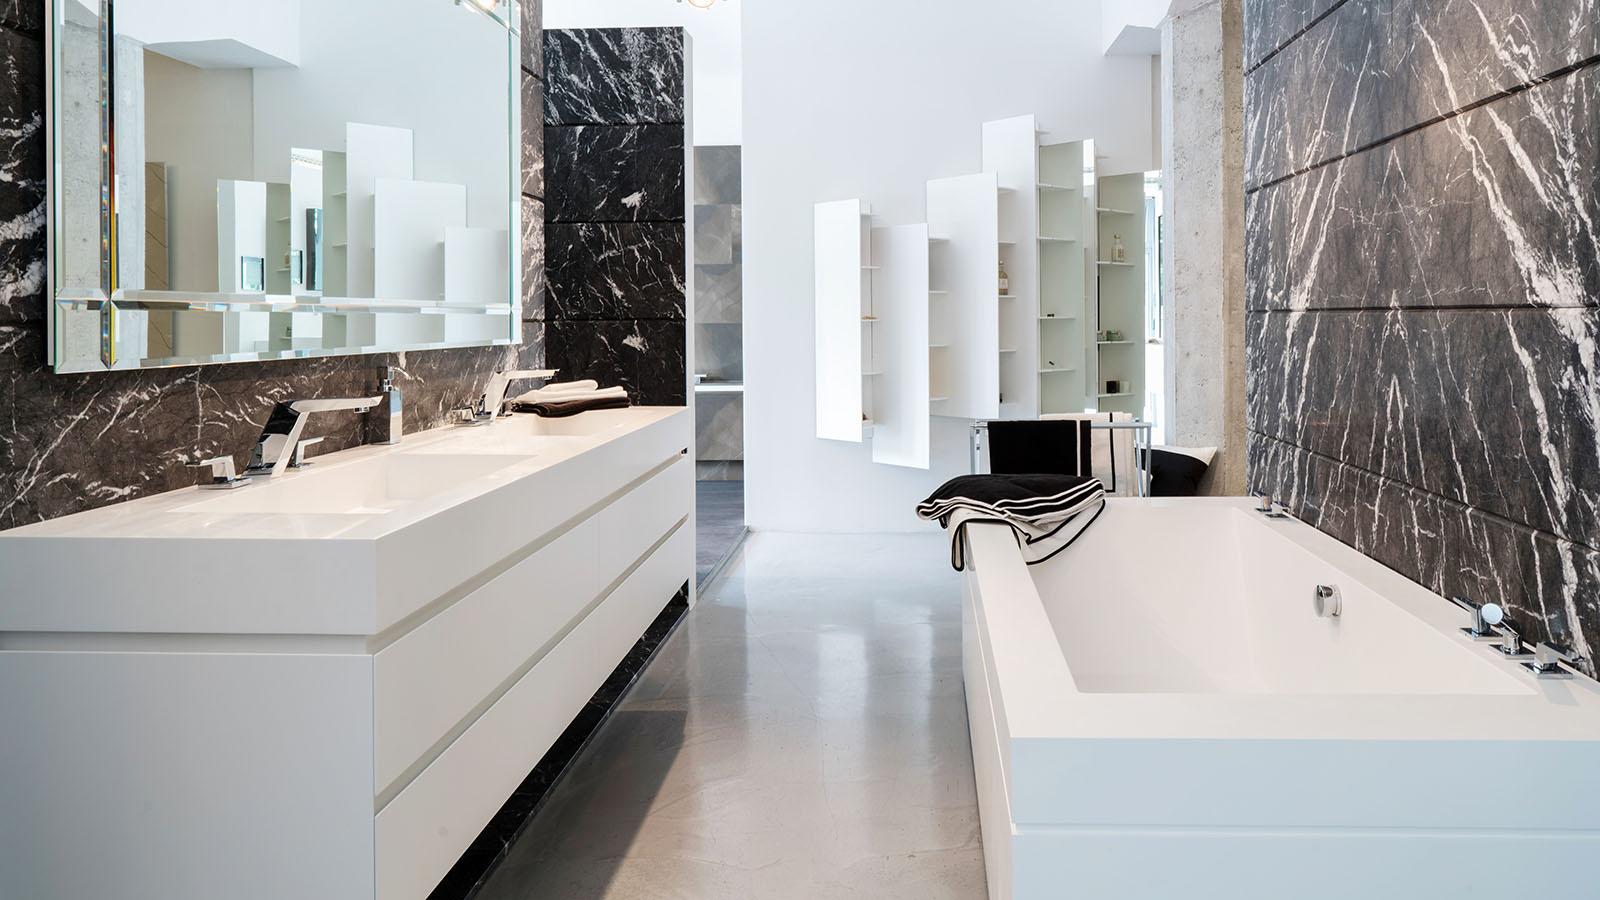 michel b der b der planen r ume schaffen streifzug media. Black Bedroom Furniture Sets. Home Design Ideas